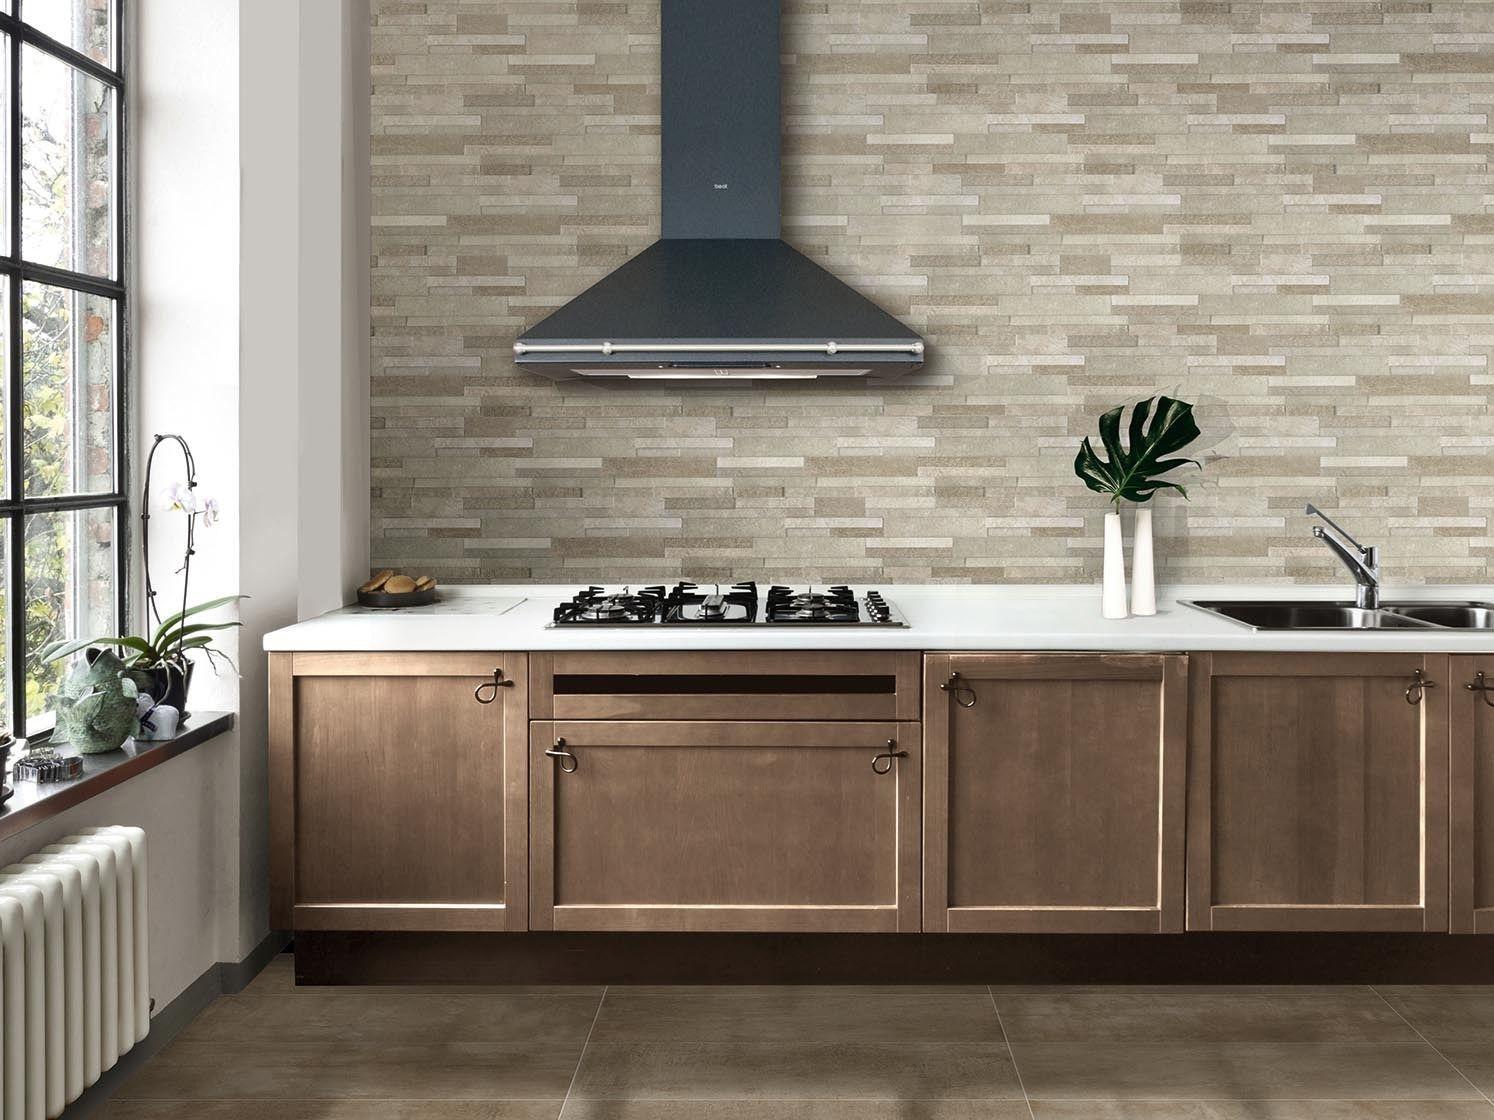 Rivestimento per interni concrete muretto by ceramiche - Piastrelle decorative per cucina ...